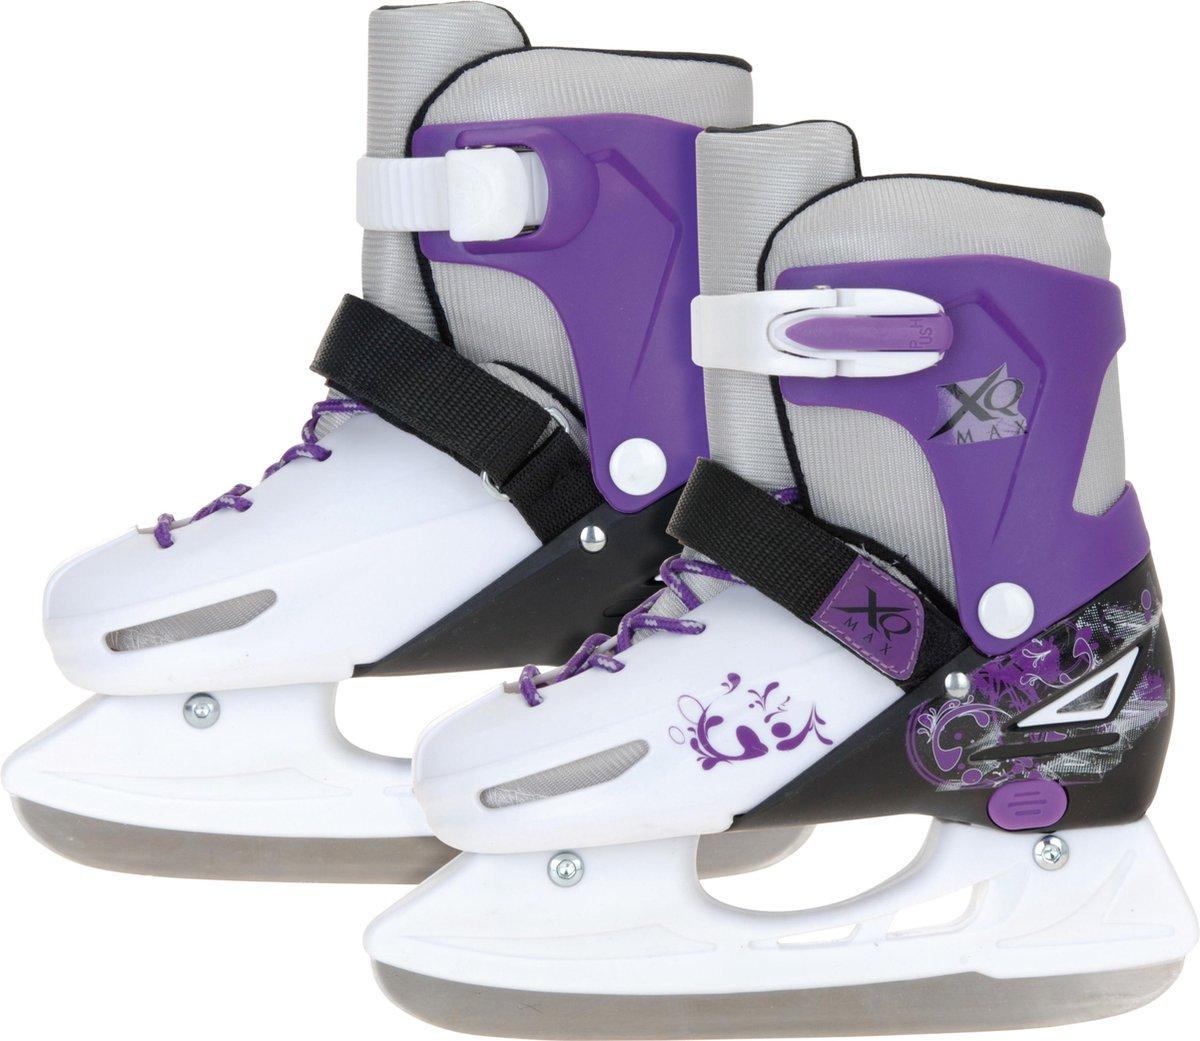 XQ Max ijsschaats meisjes S